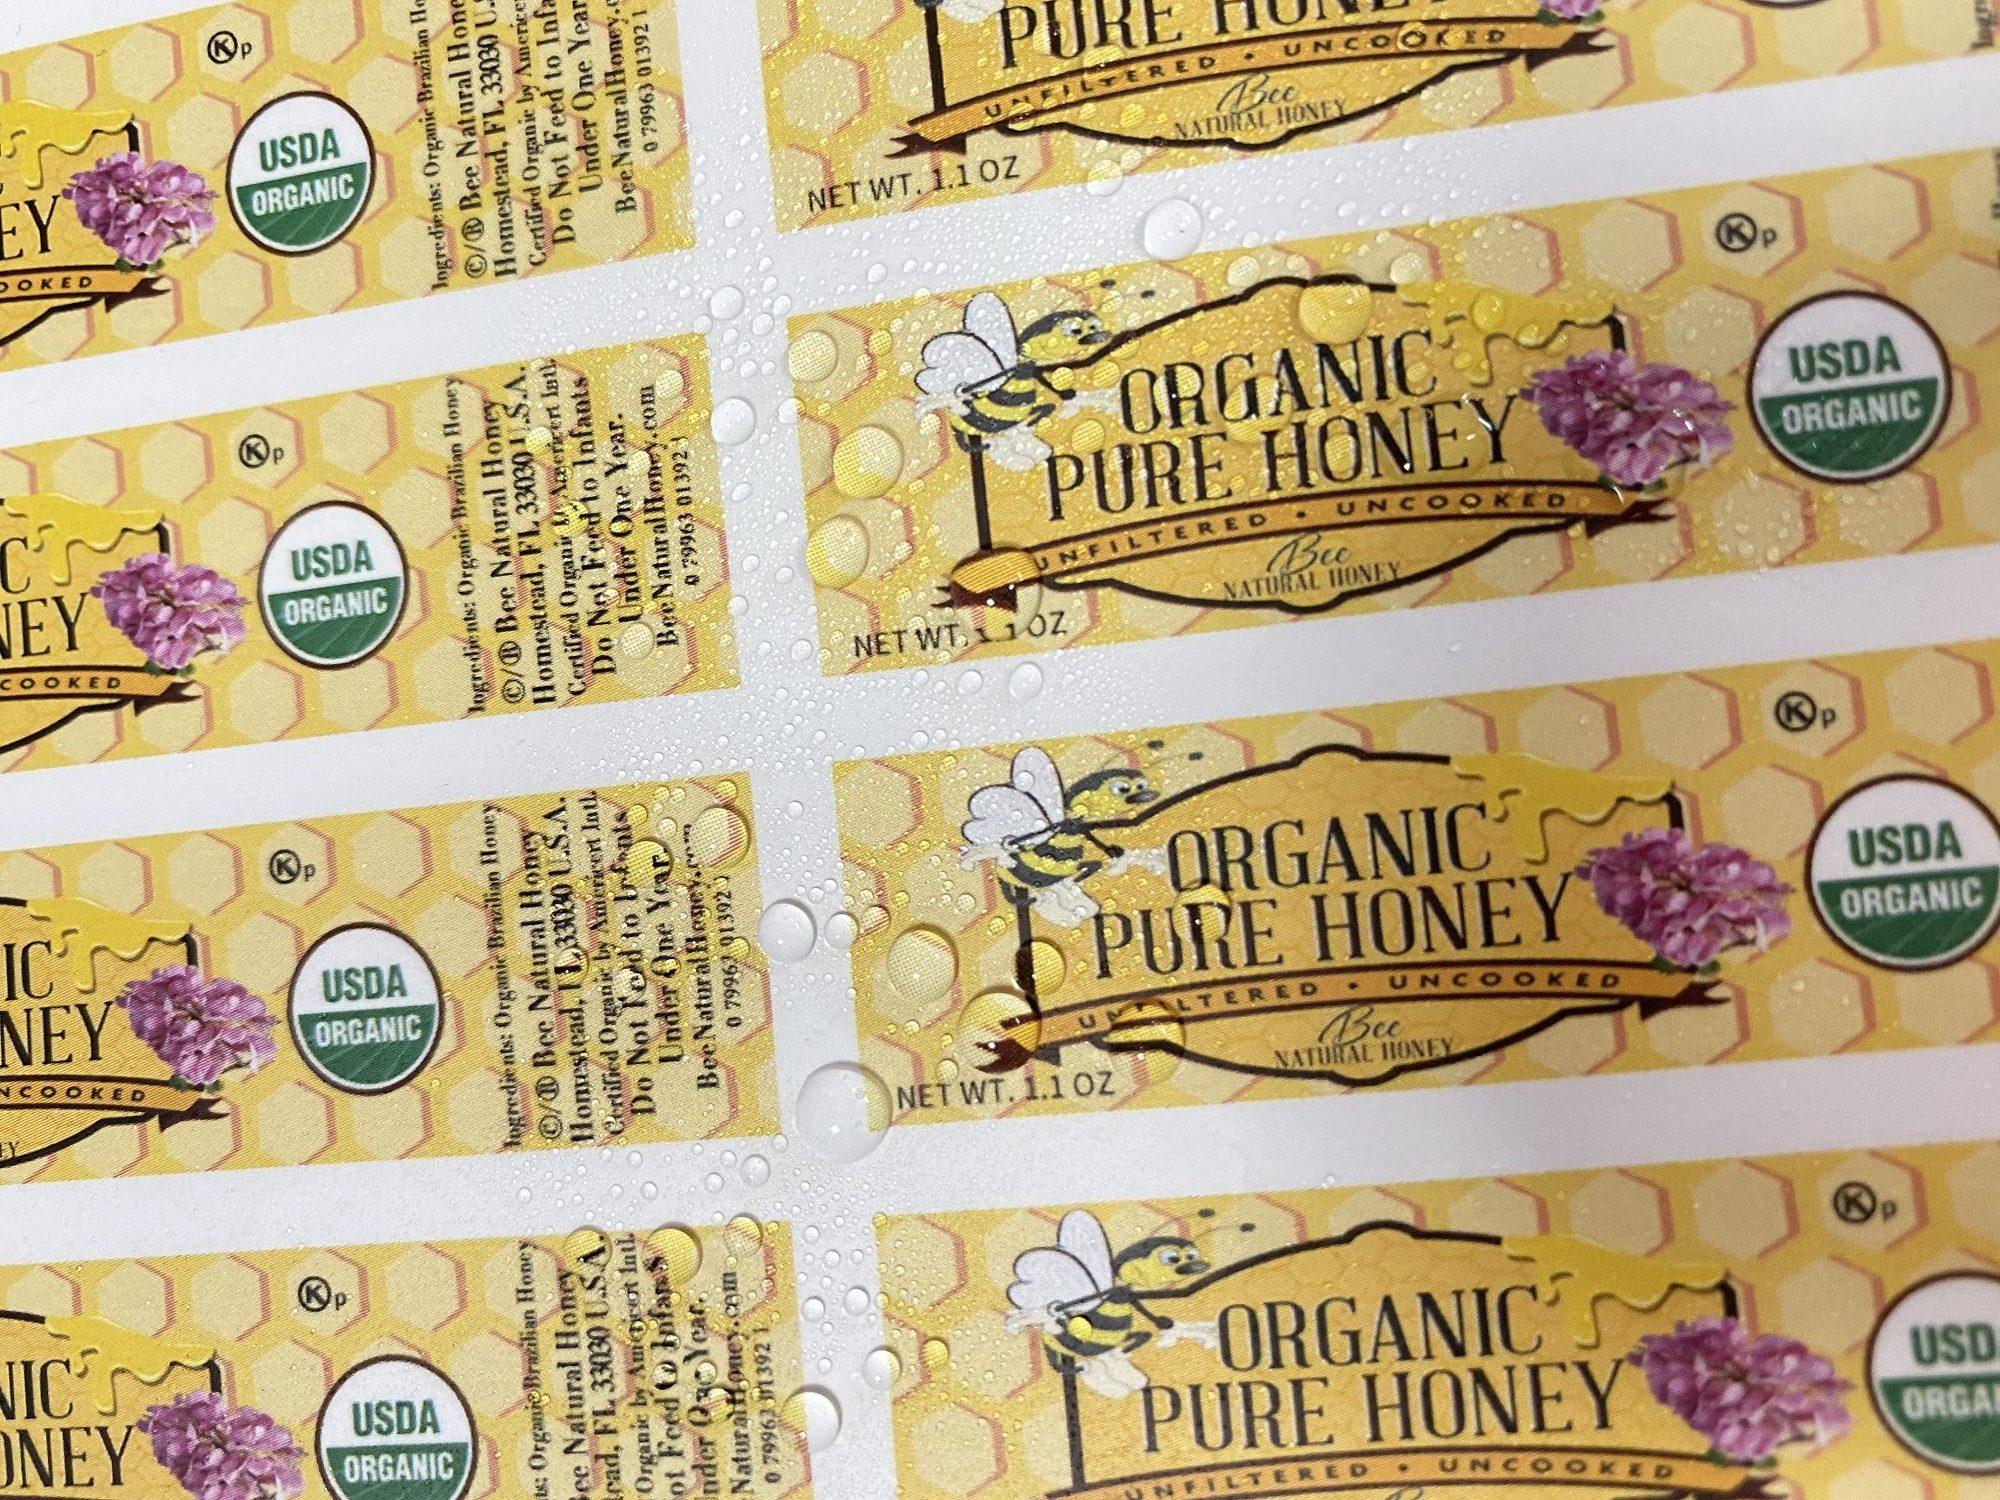 CERTIFIED USDA Organic honey